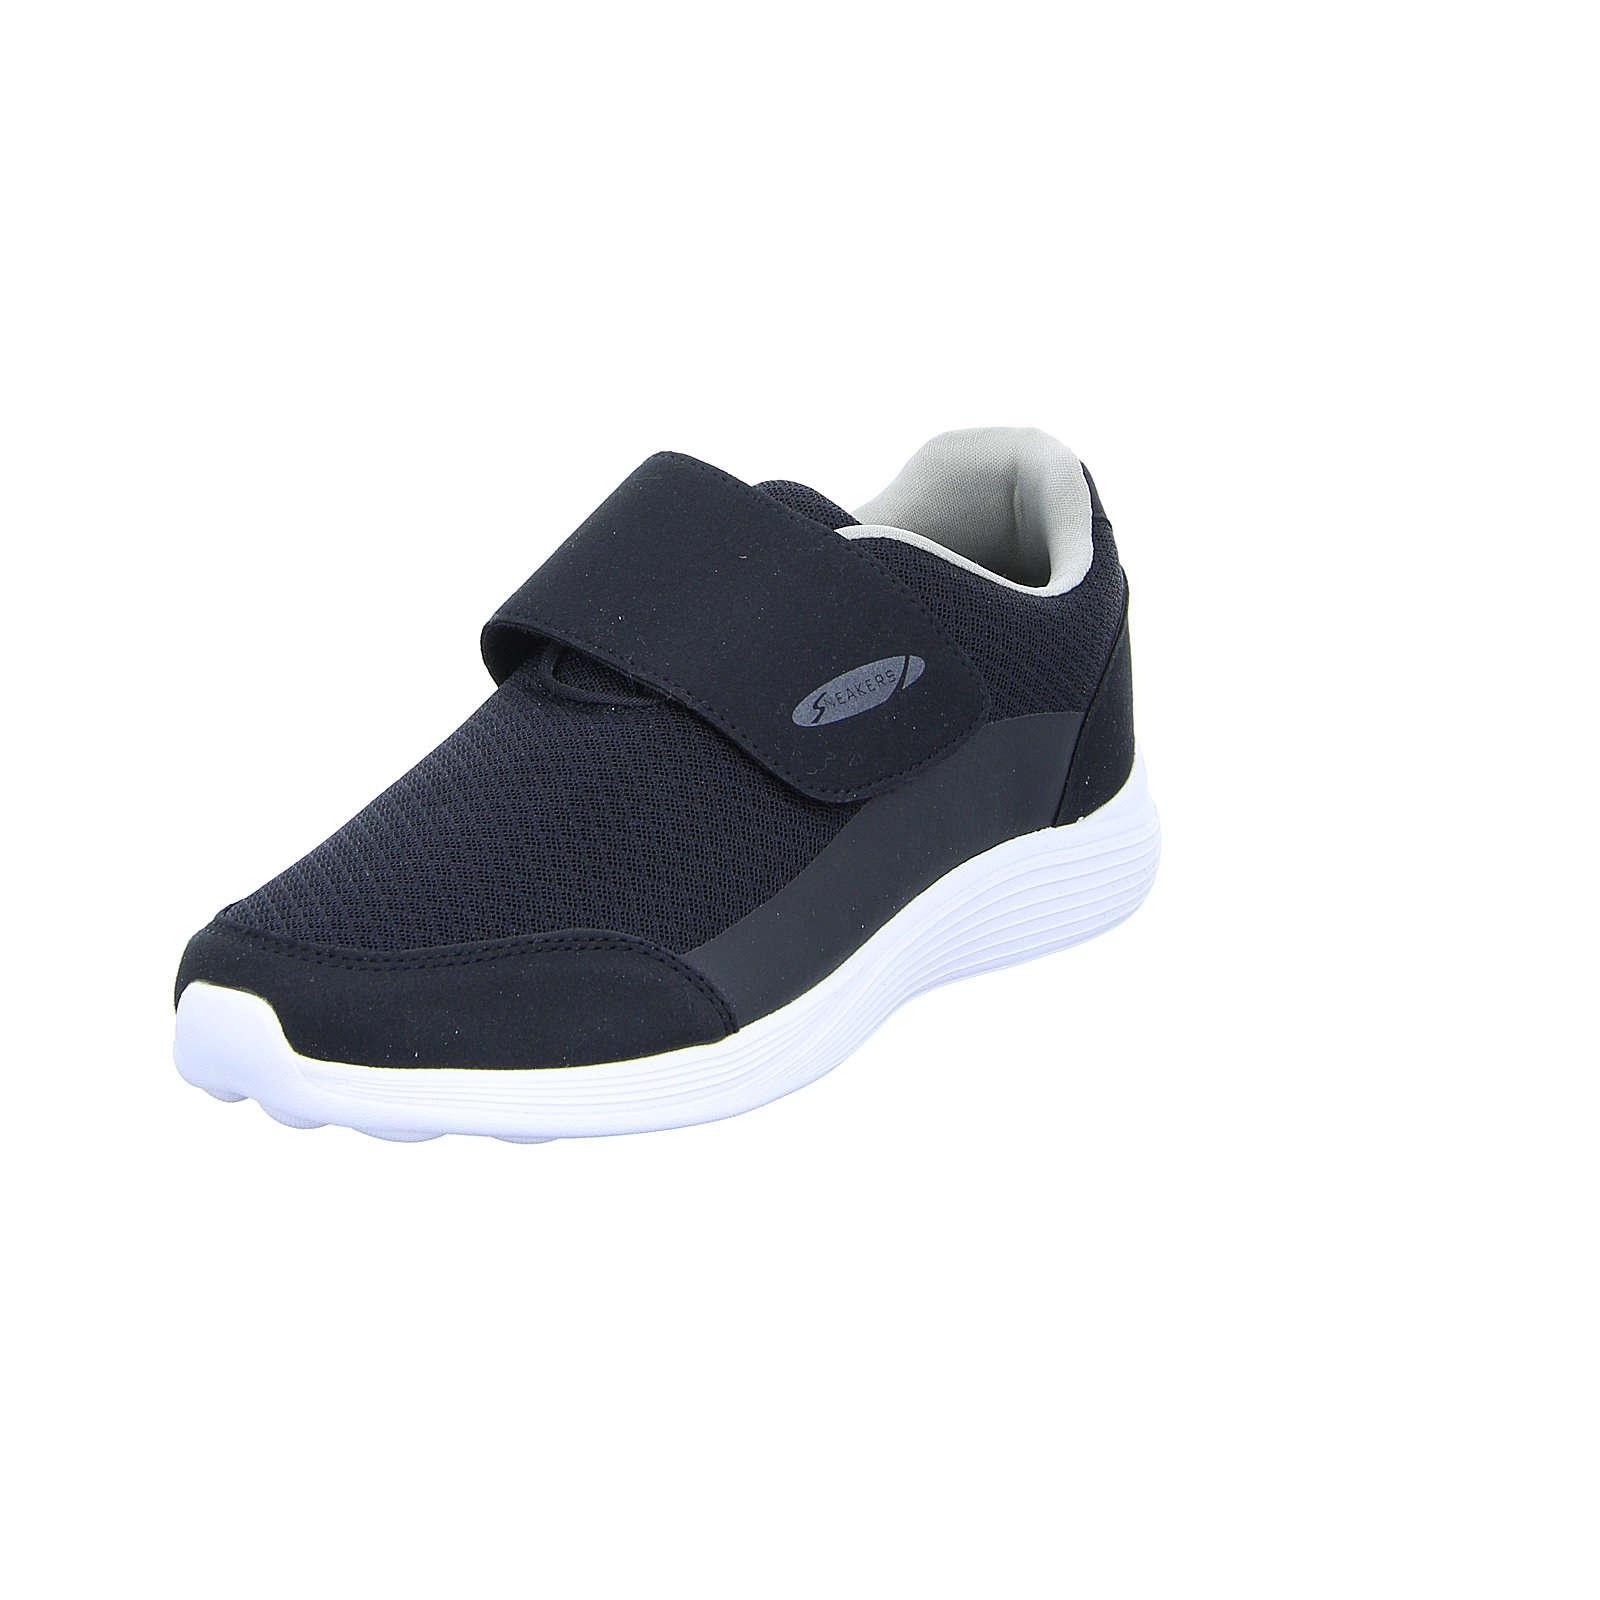 Image of 17-0782-BK Sneakers Low schwarz Herren Gr. 41